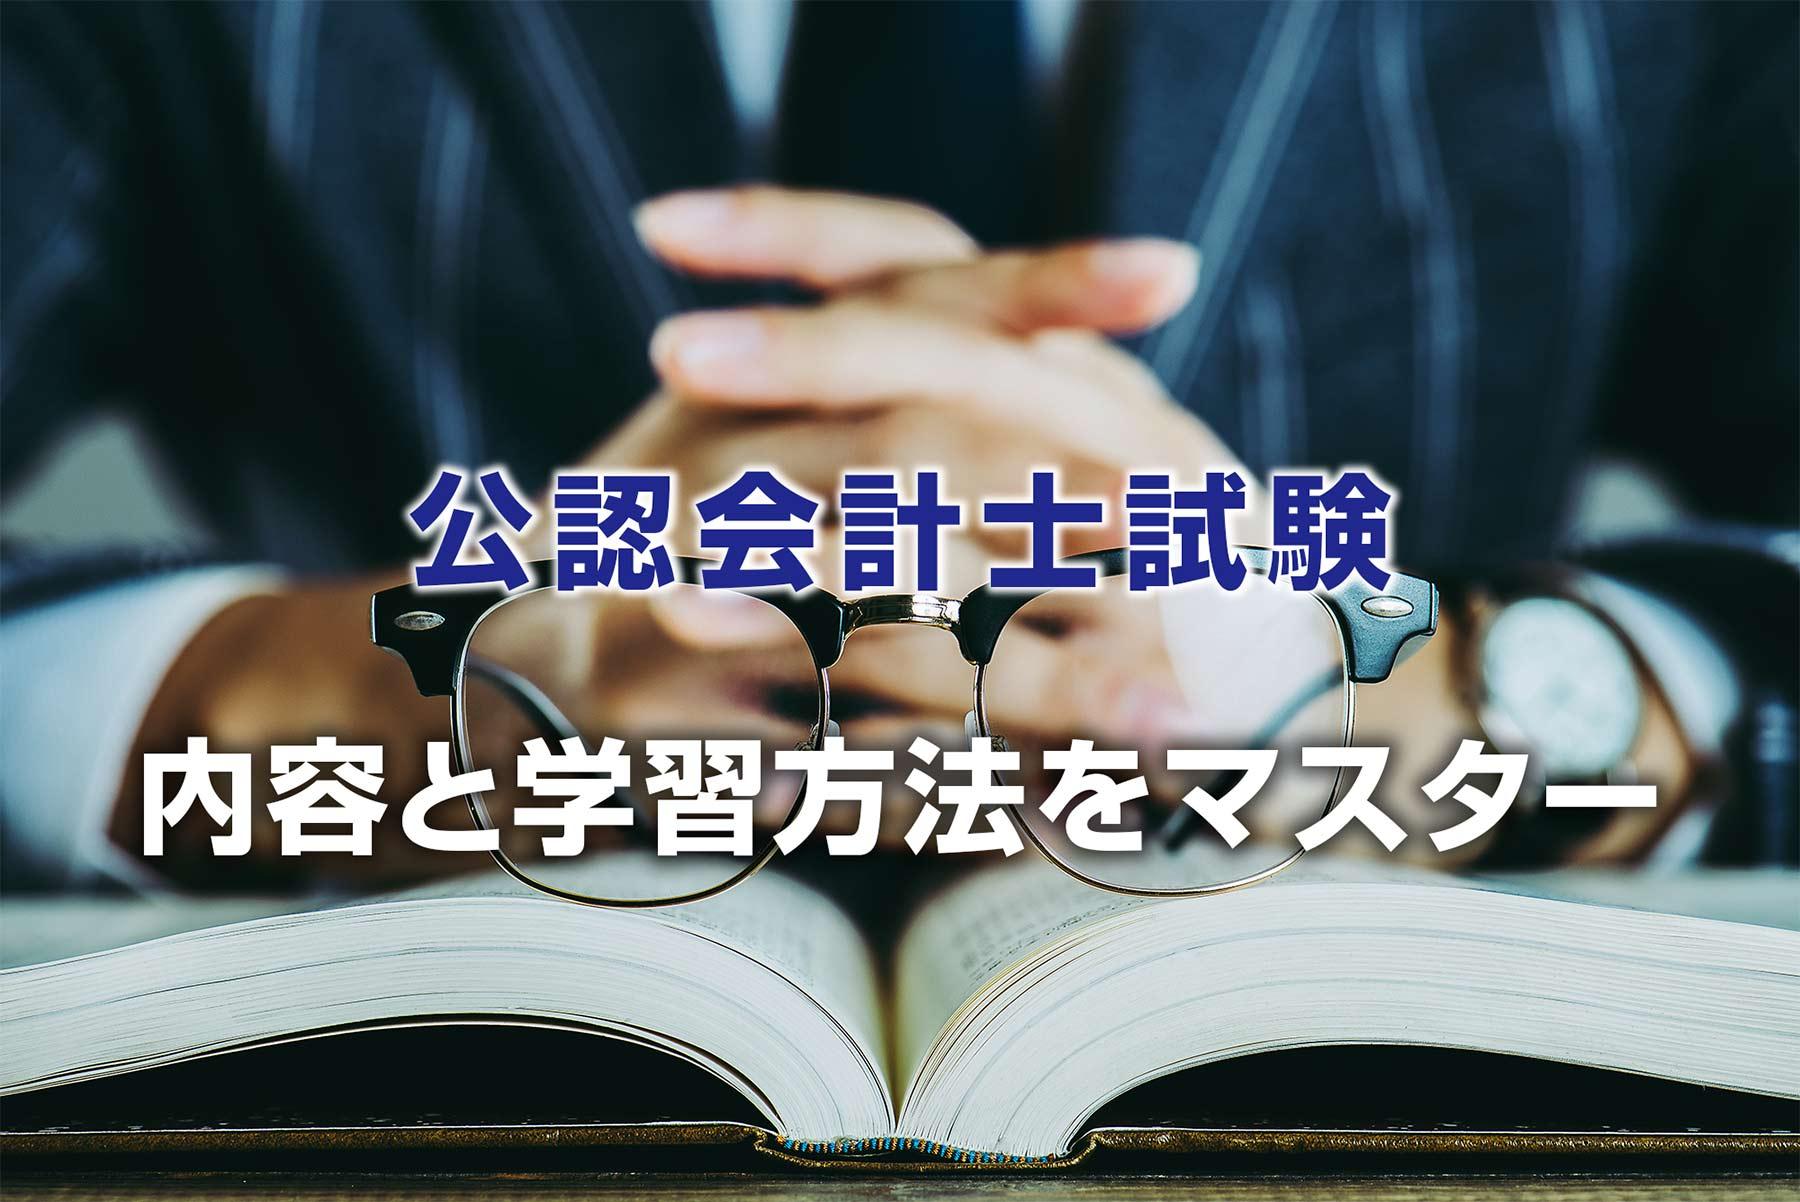 公認会計士試験の流れと内容を詳しく紹介